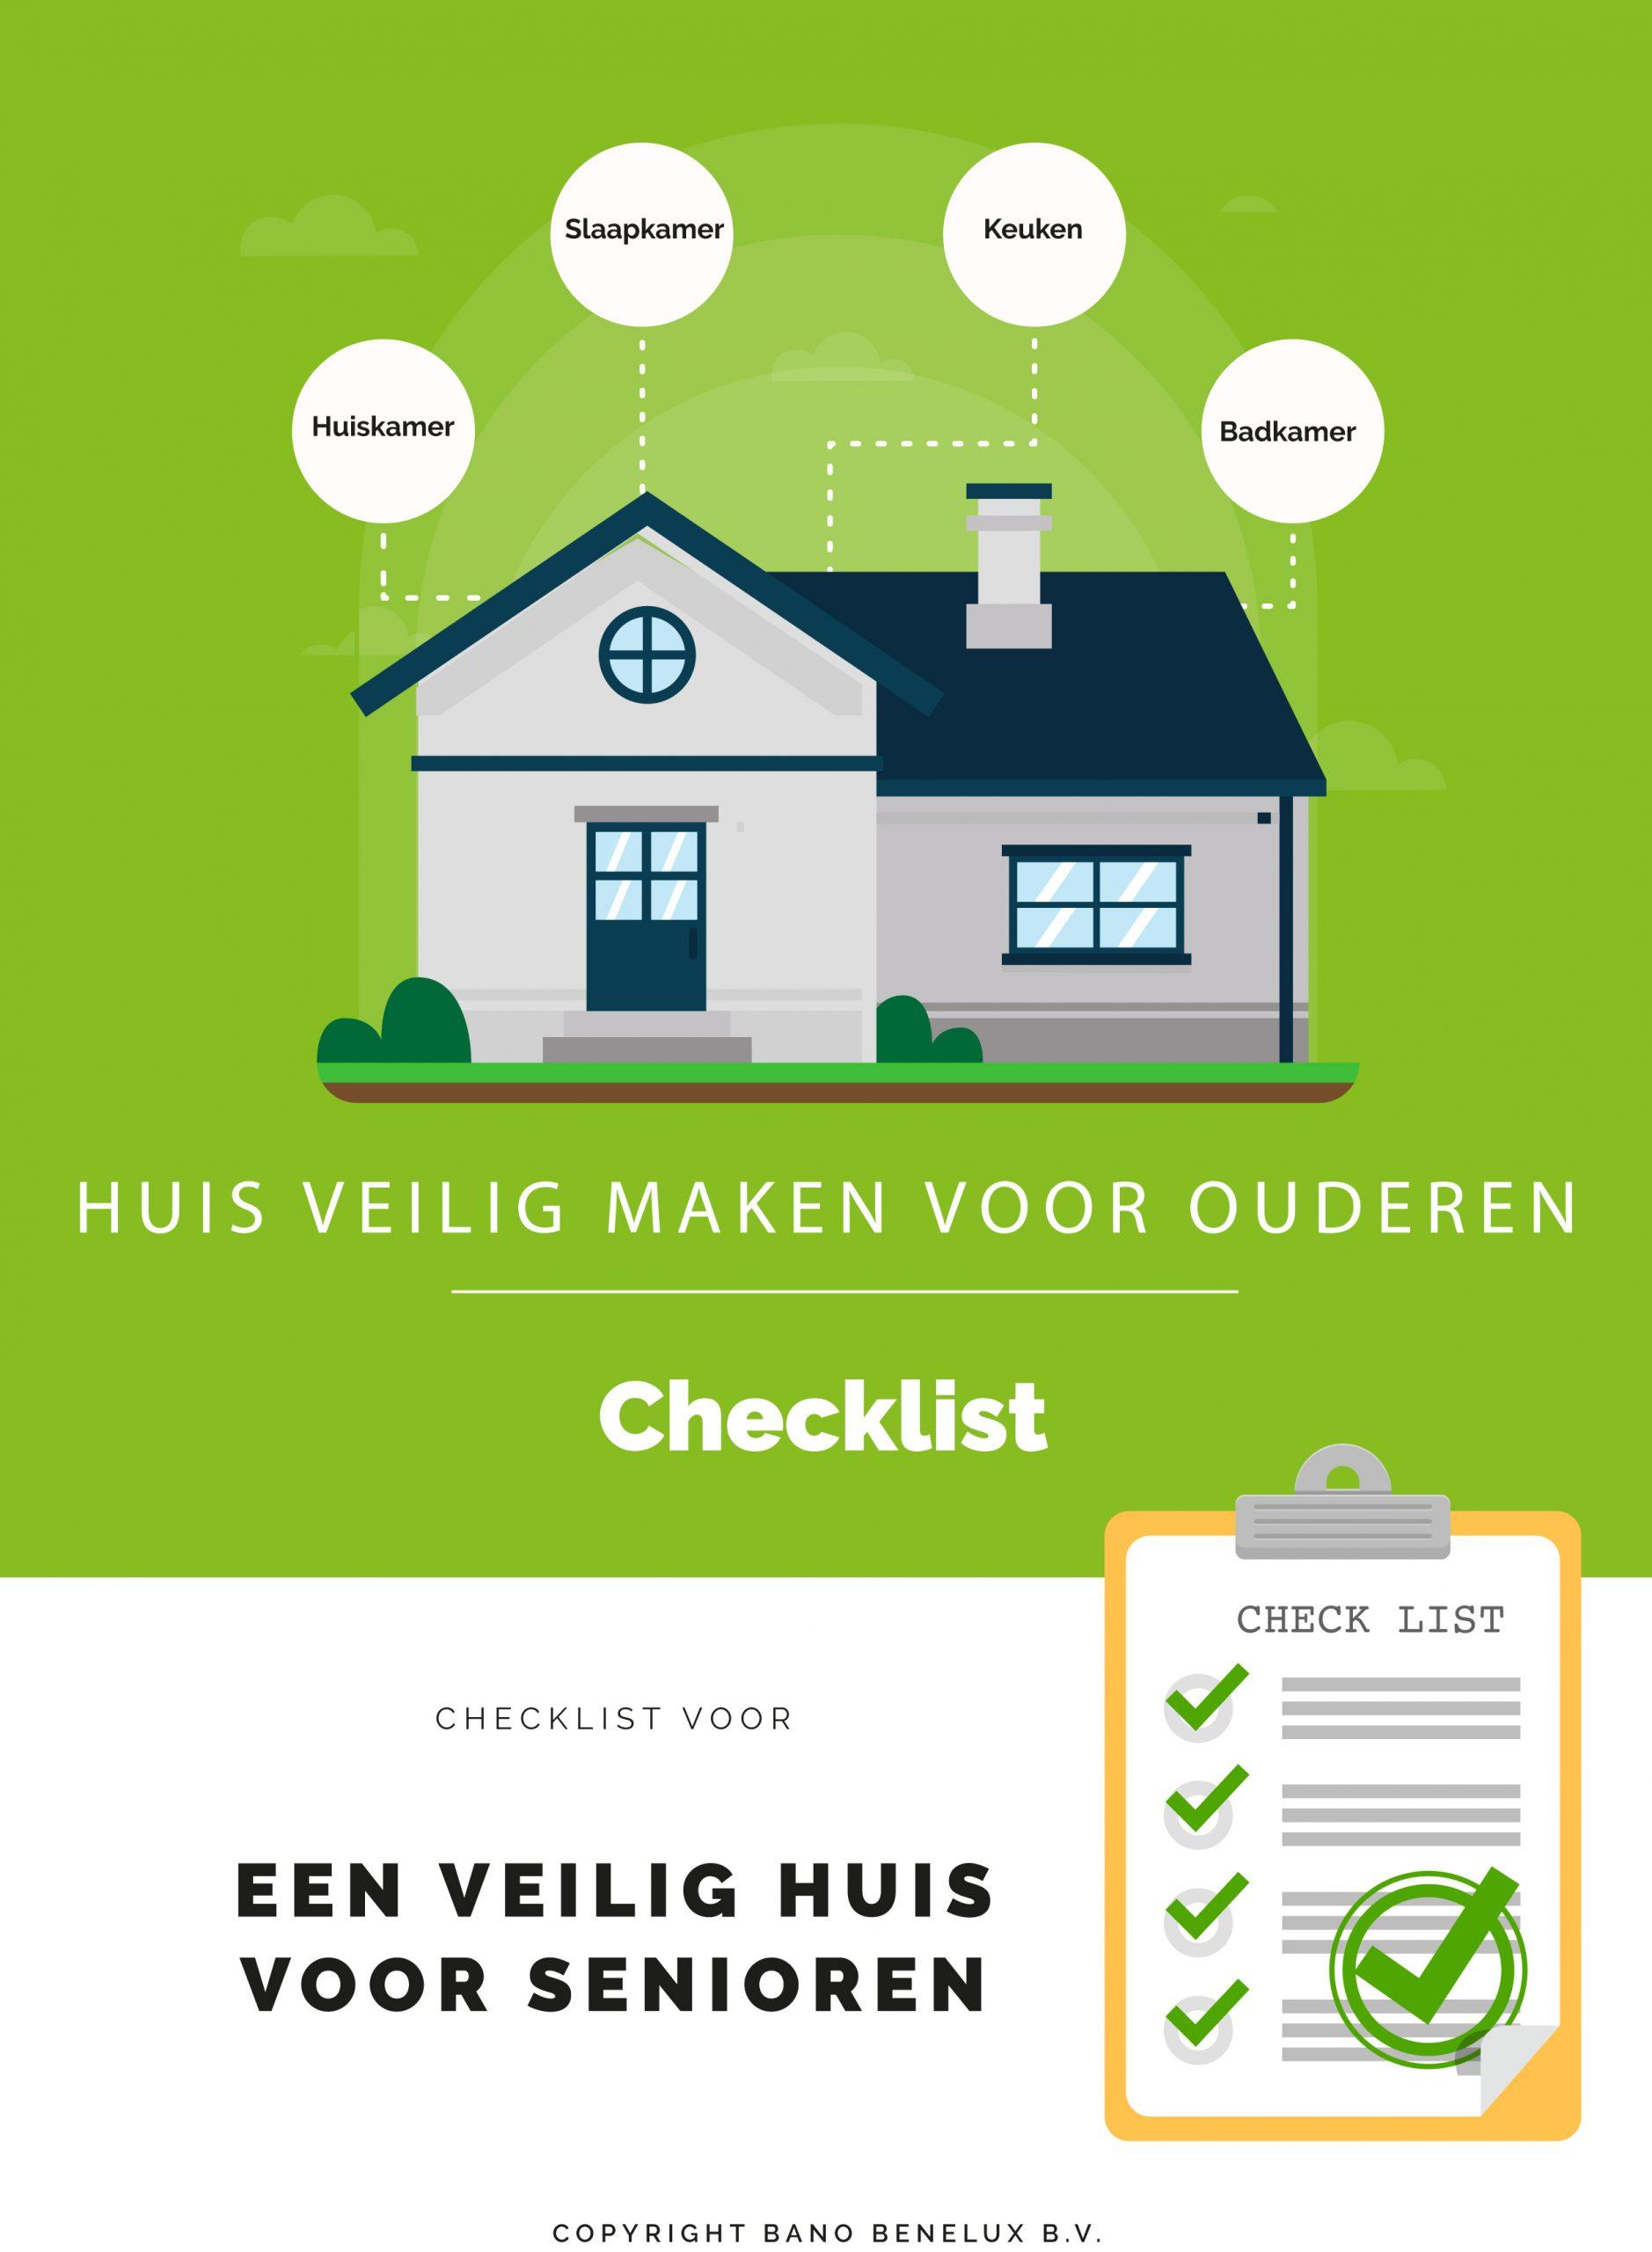 Veilig huis voor senioren checklist